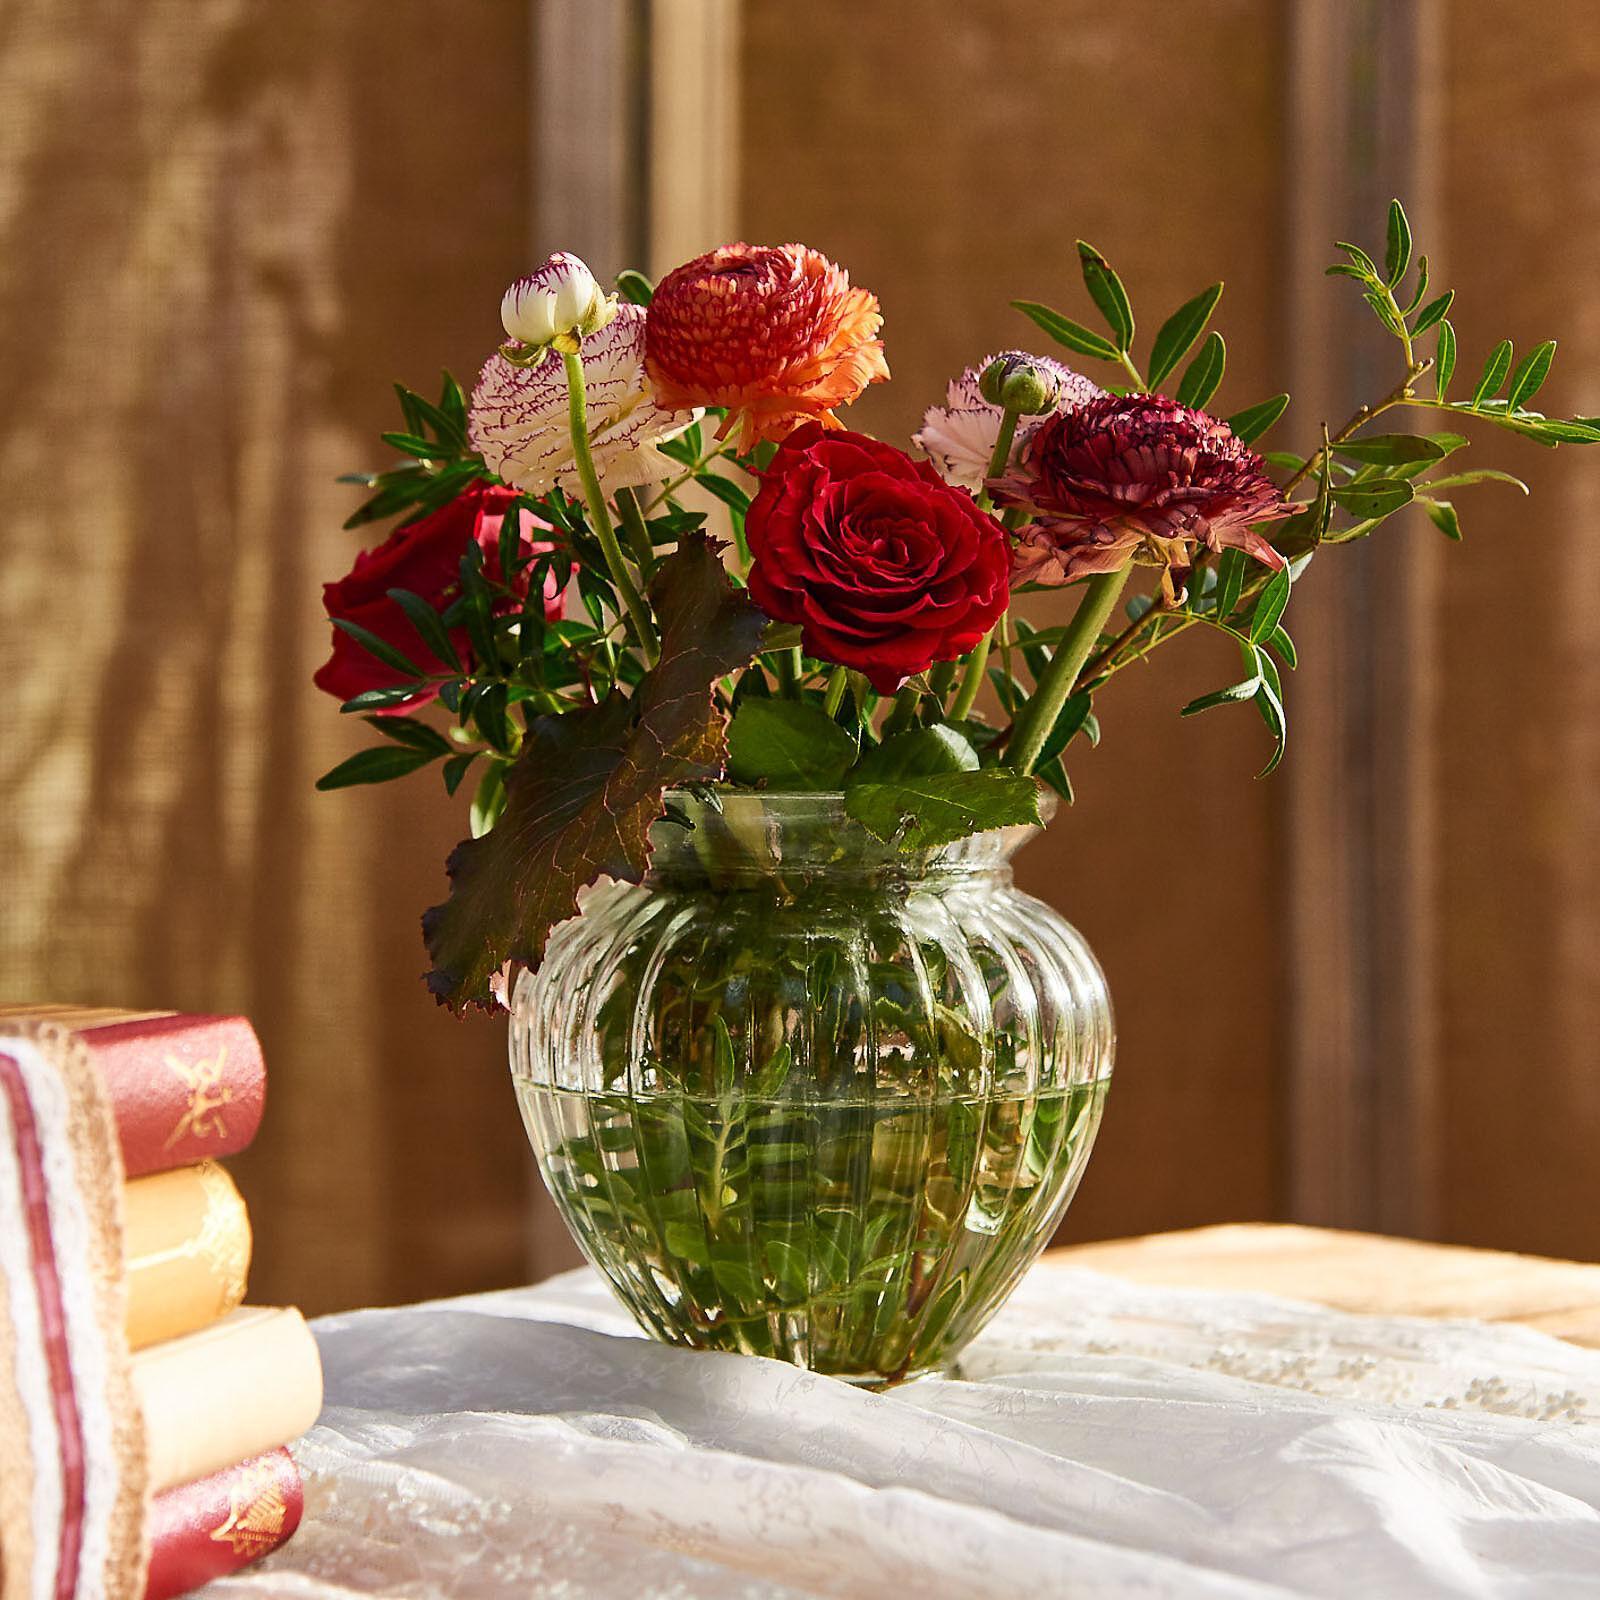 Sklenená váza (prenájom) - Obrázok č. 2